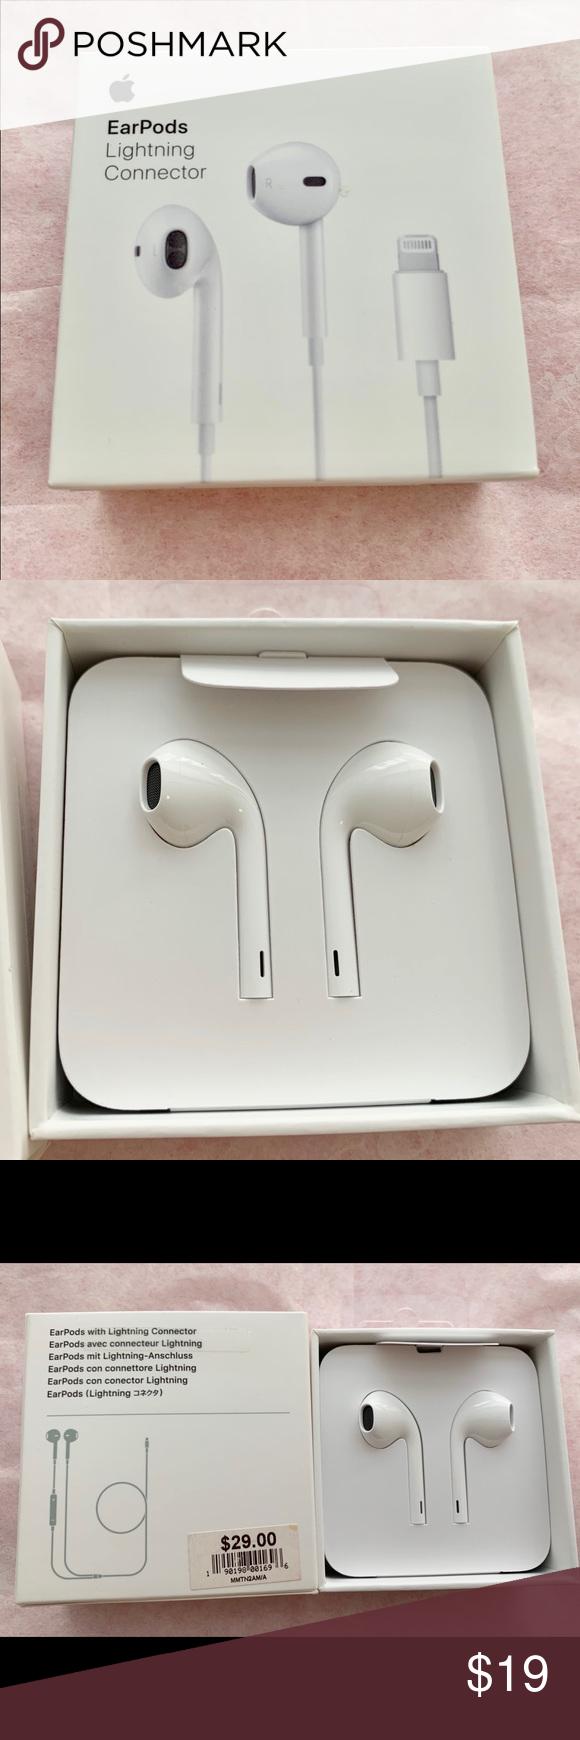 Apple Earpods Earpods Lightning Connector Apple Office Notebooks Journals Apple Office Apple Apple White